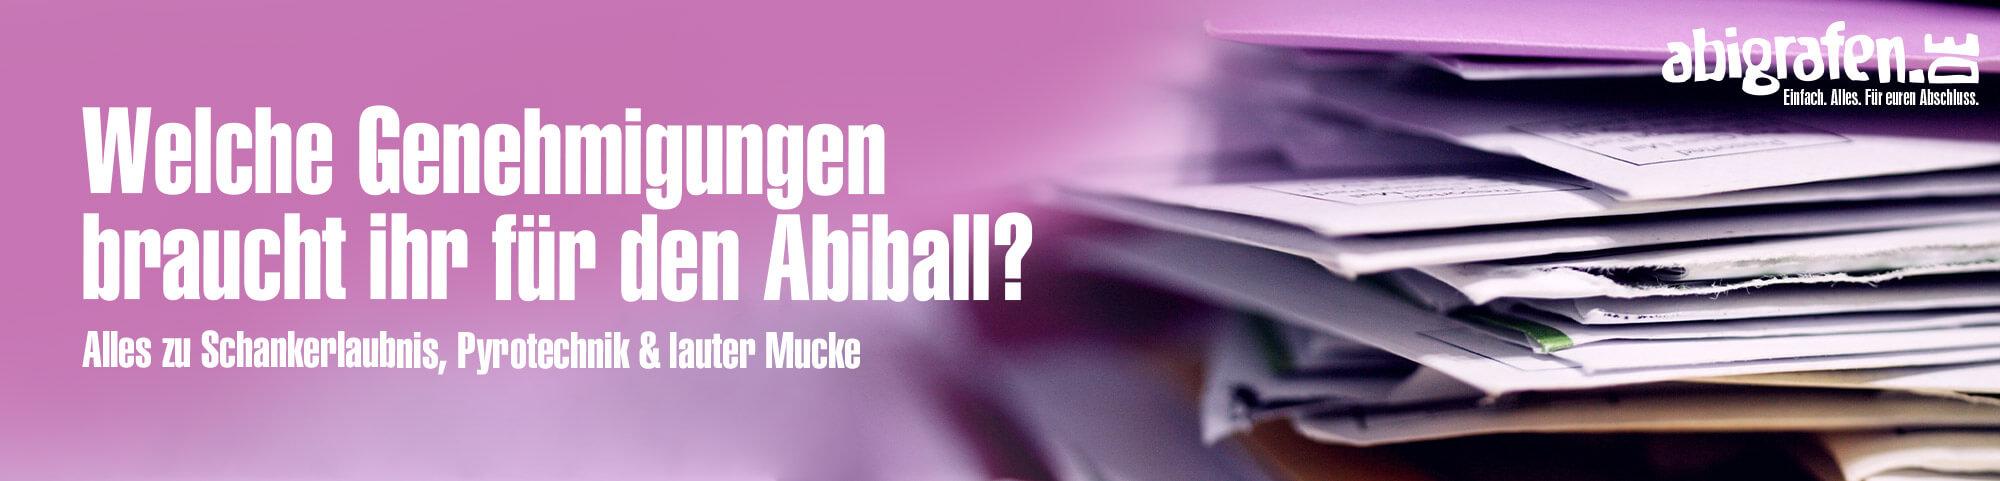 Genehmigungen für den Abiball einholen (Schankerlaubnis, Feuerwerk. Lautstärke)